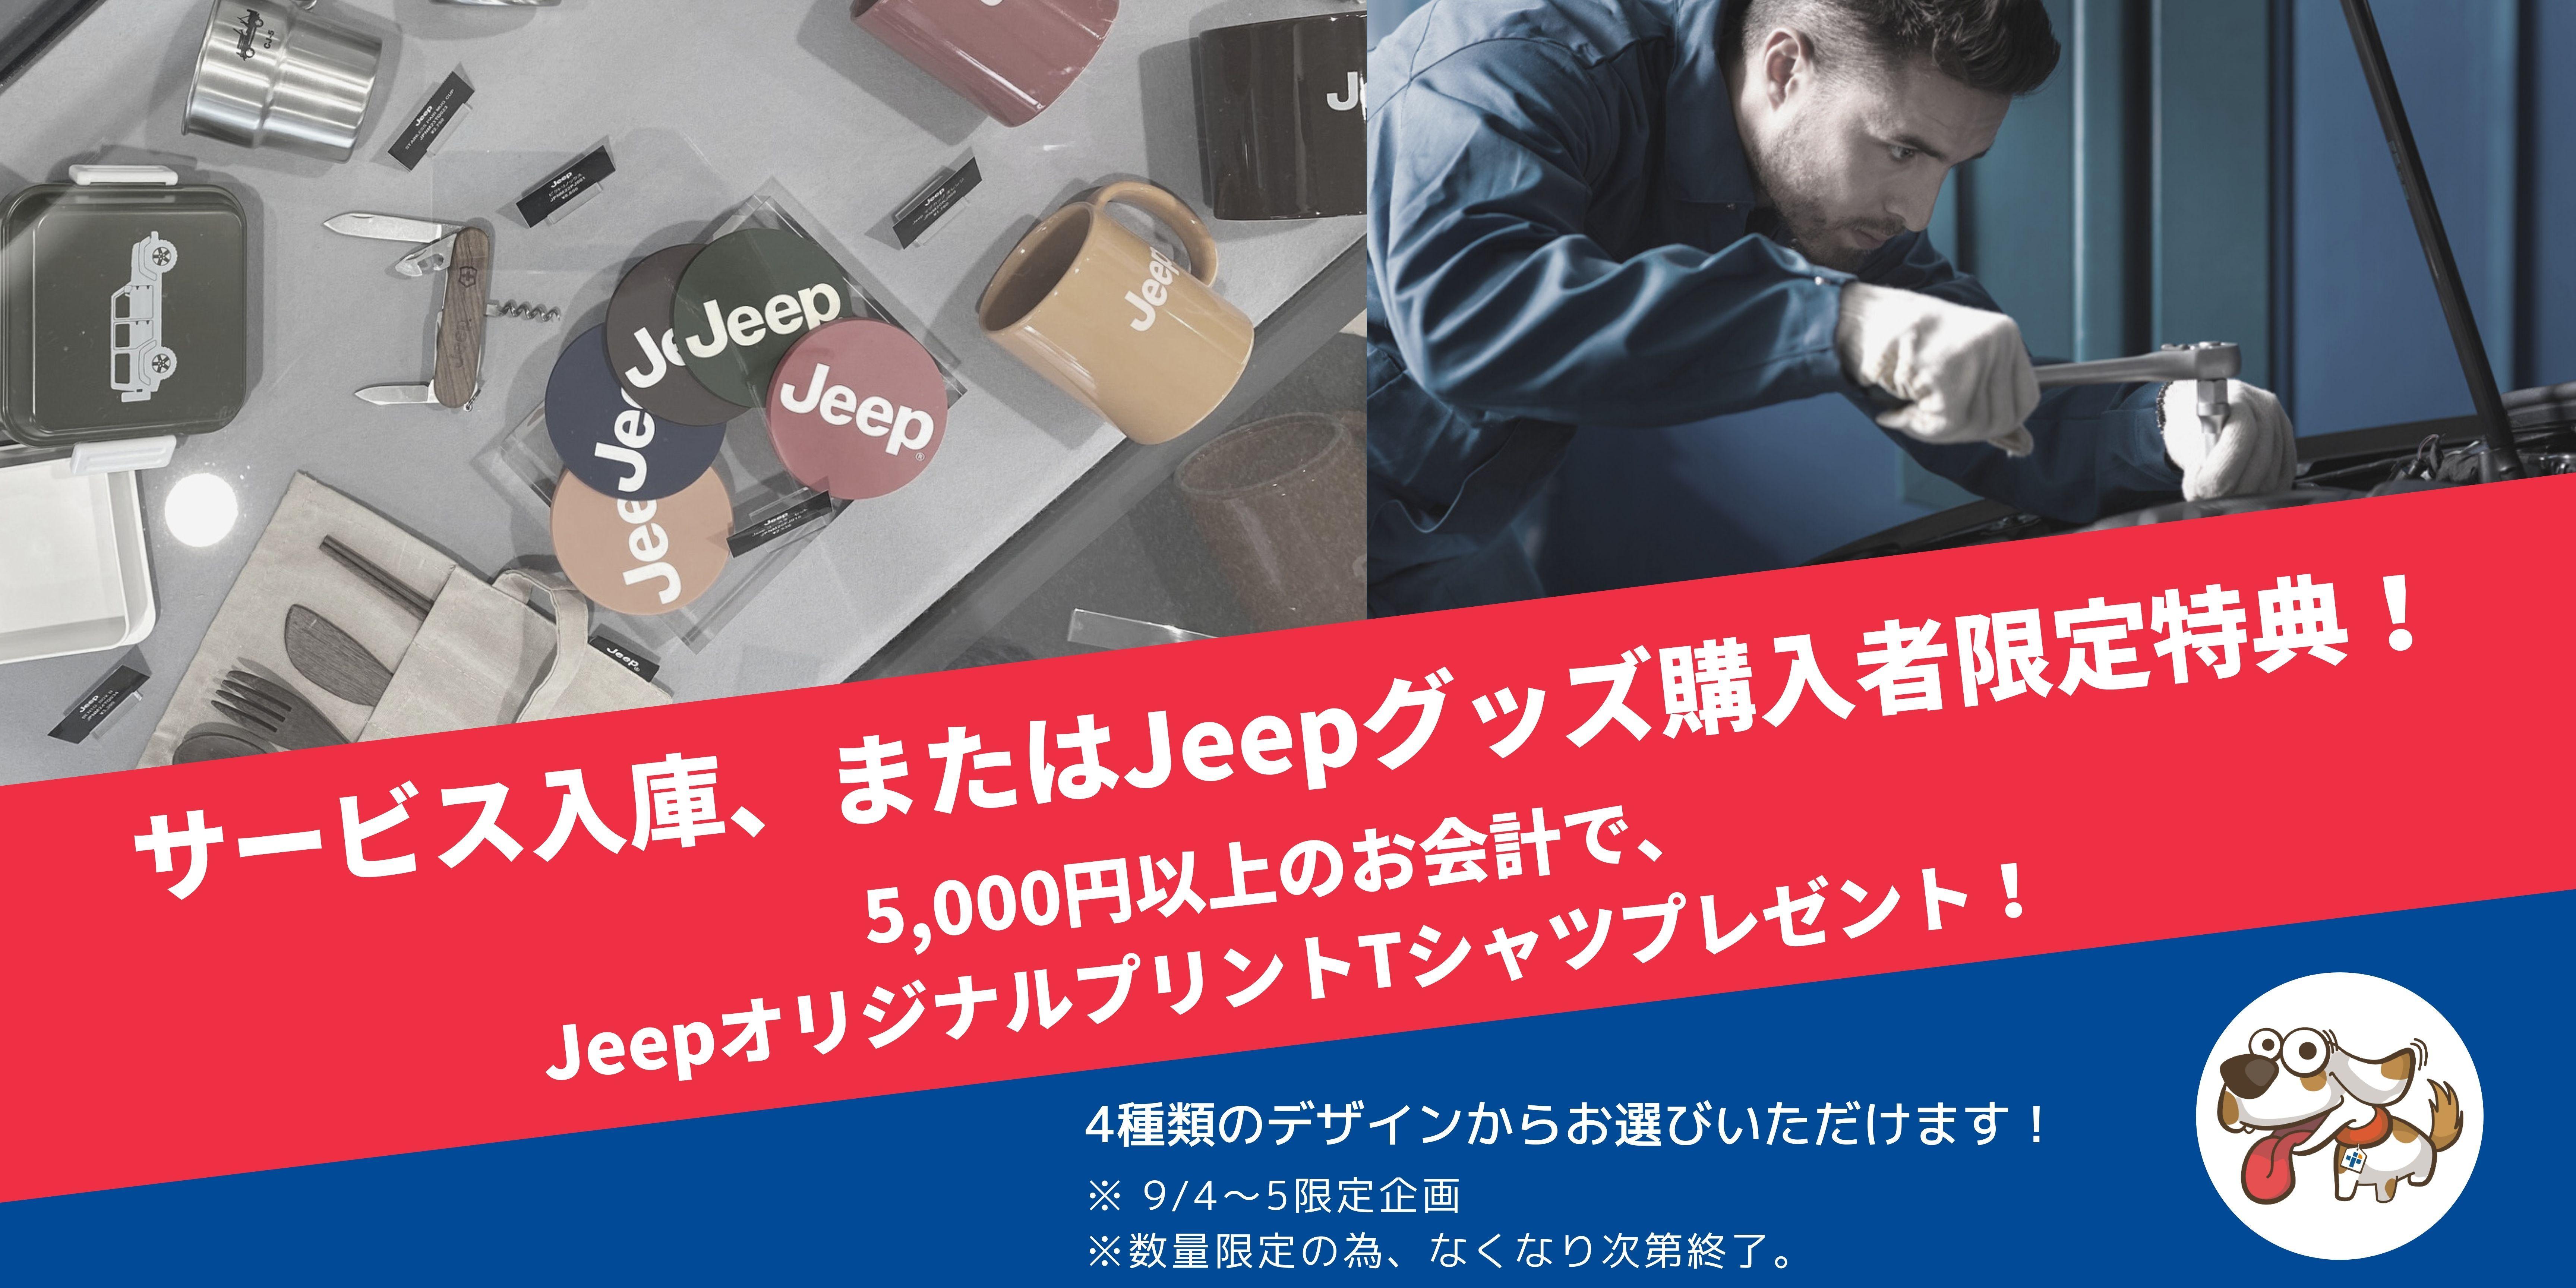 サービス入庫、マーチャンダイズ 5,000円以上のお会計でオリジナルプリント (3).jpg